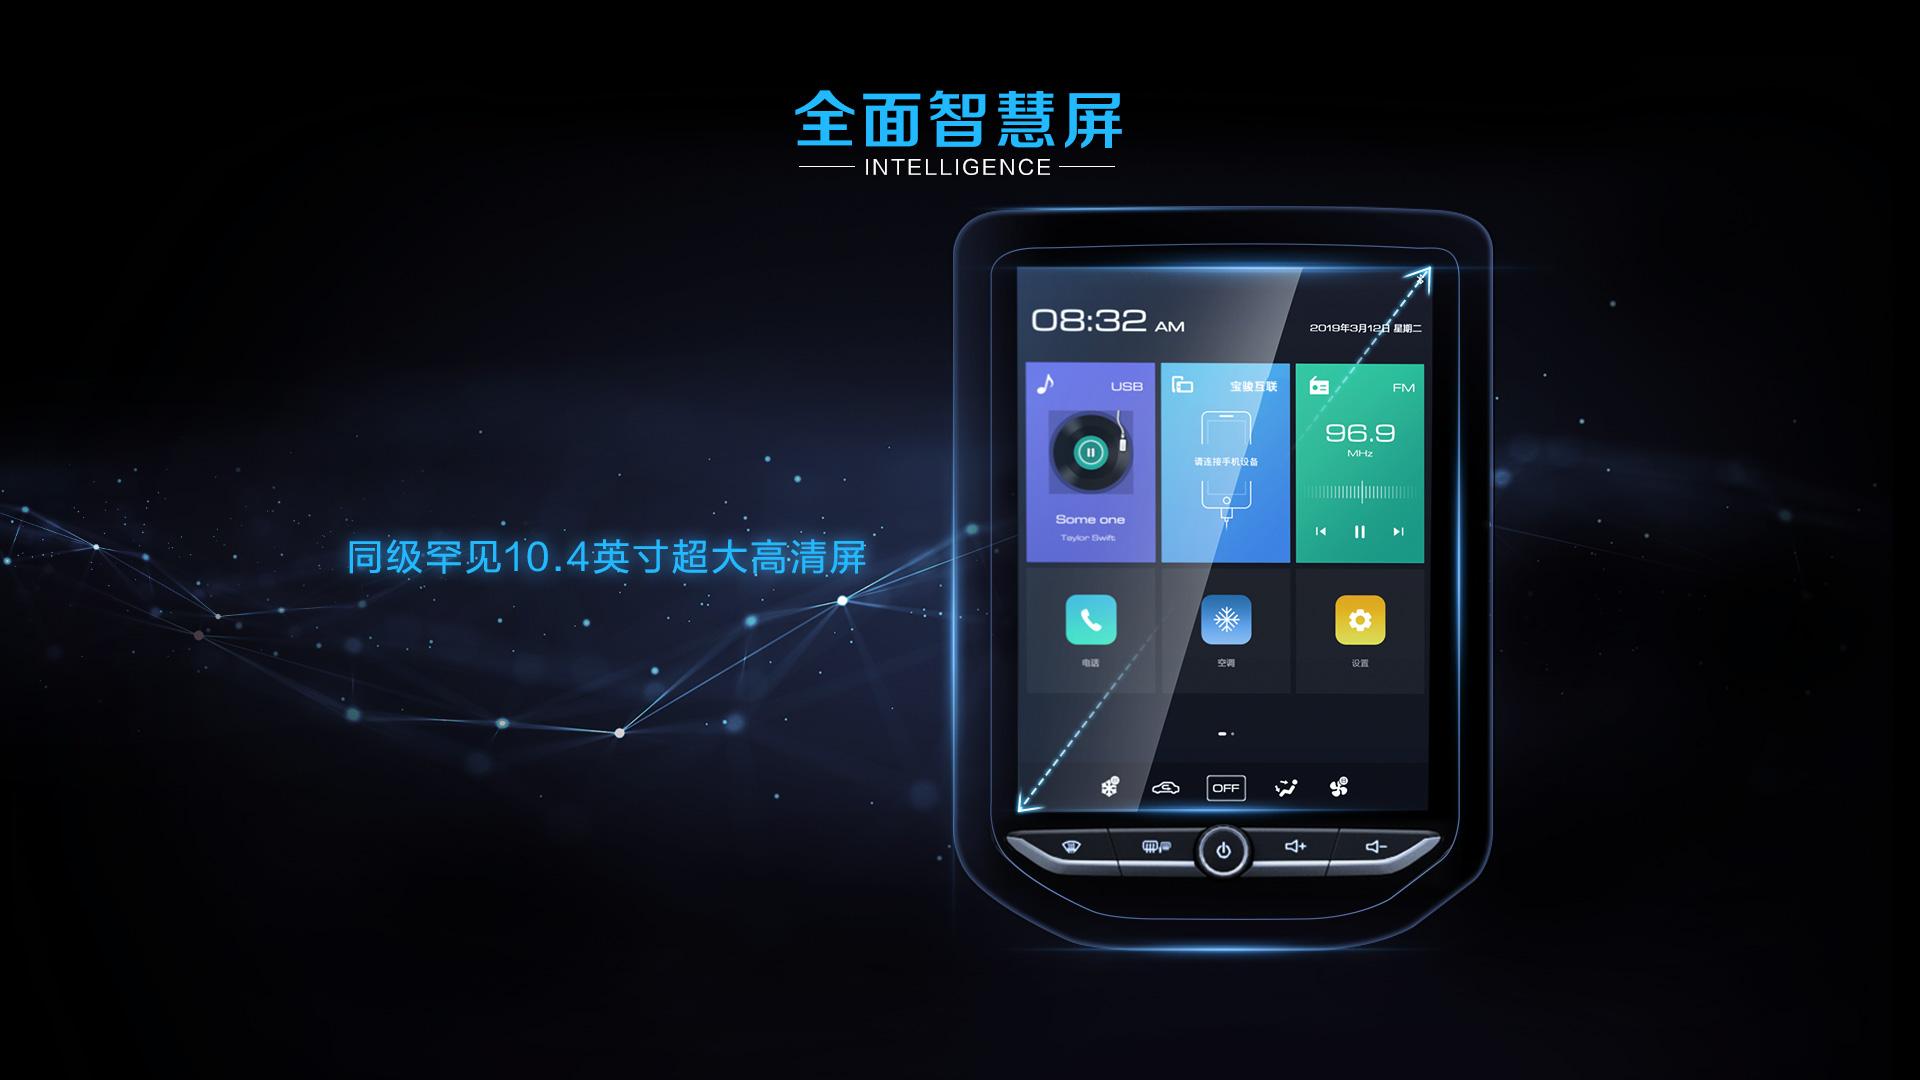 寶駿530,2020款,智(zhi)能車聯網,智(zhi)慧屏